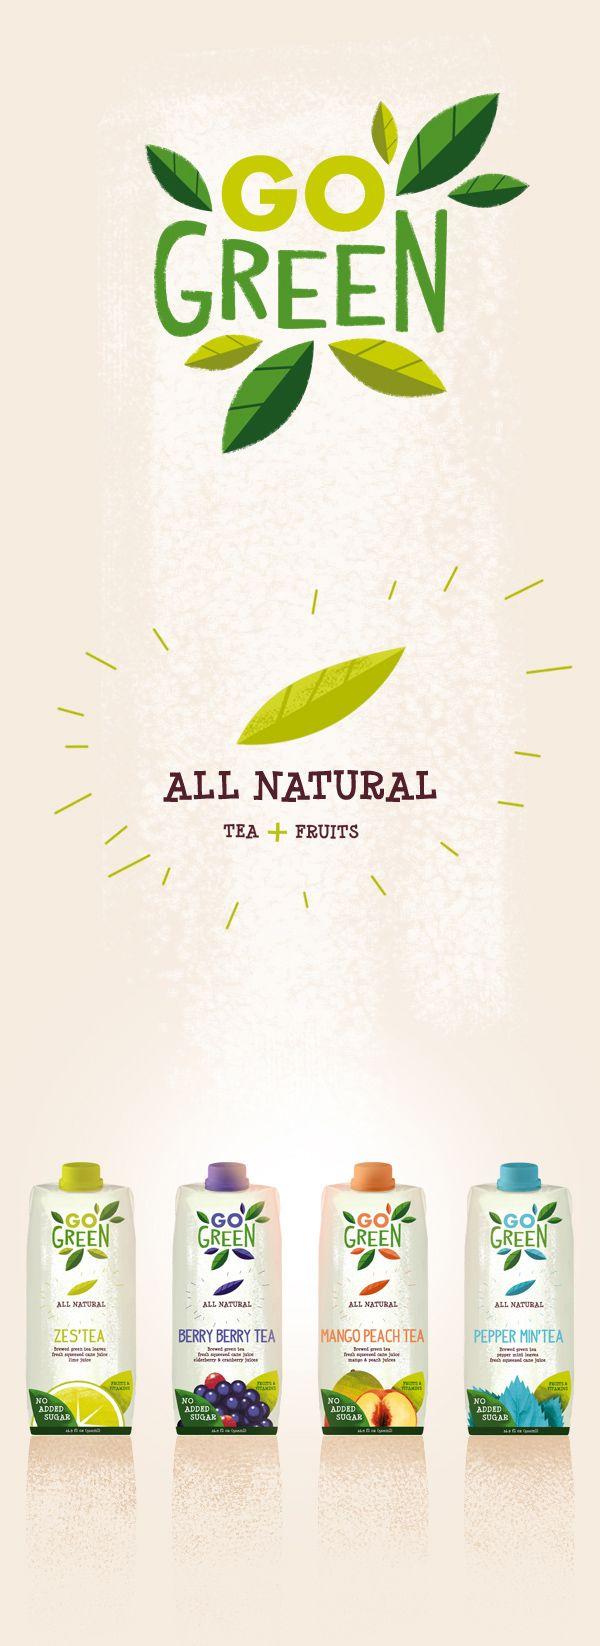 Branding & packaging design for a tea based beverage